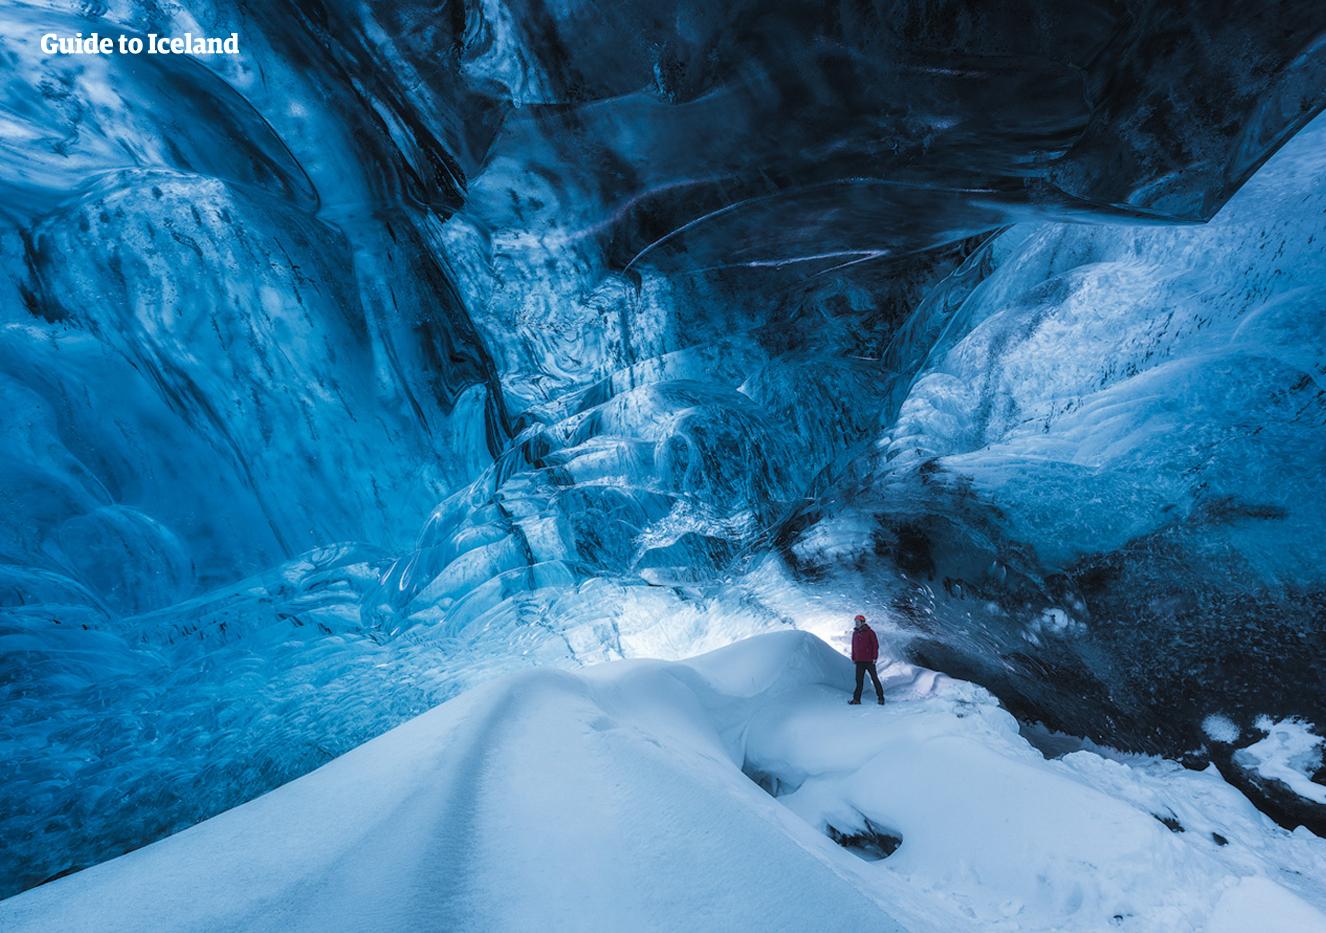 ถ้ำน้ำแข็งภายใต้ธารน้ำแข็งวัทนาโจกุล มองดูงดงามมากราวกับเป็นฉากของนวนิยายแฟนตาซีมากกว่าเป็นโลกแห่งความจริง.